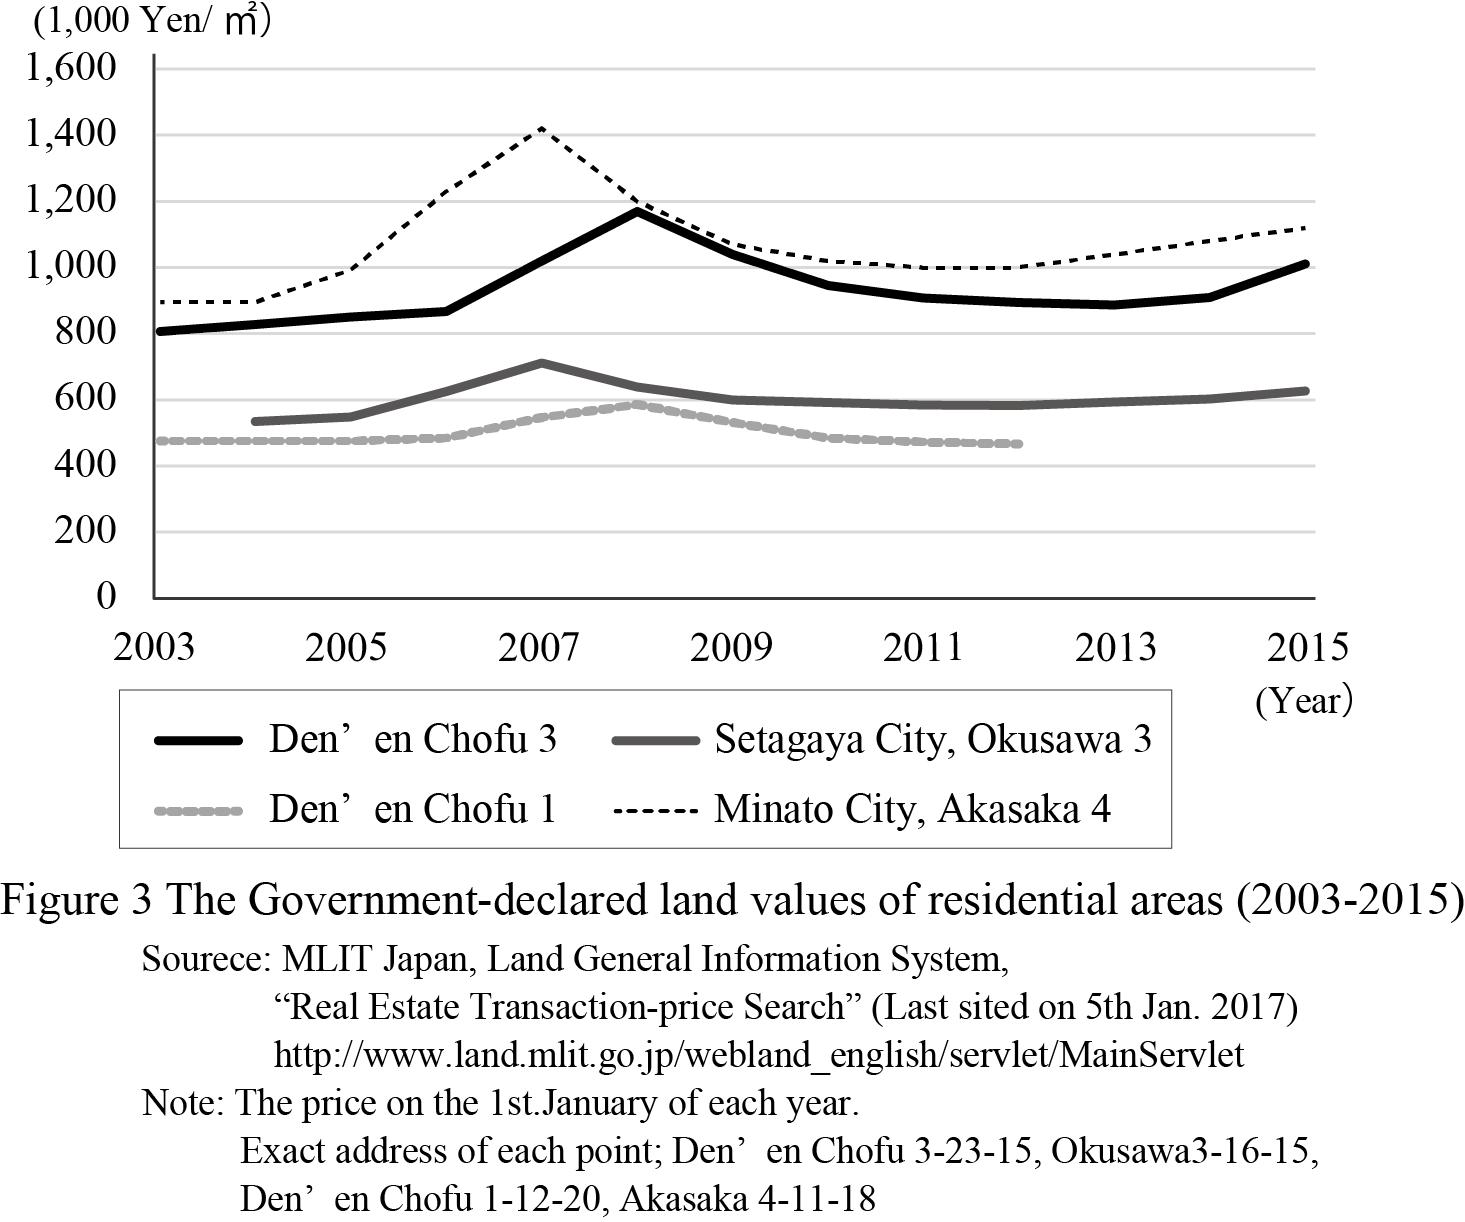 La valeur foncière déclarée au fisc japonais dans quatre espaces résidentiels du département de Tokyo (2003-2015)